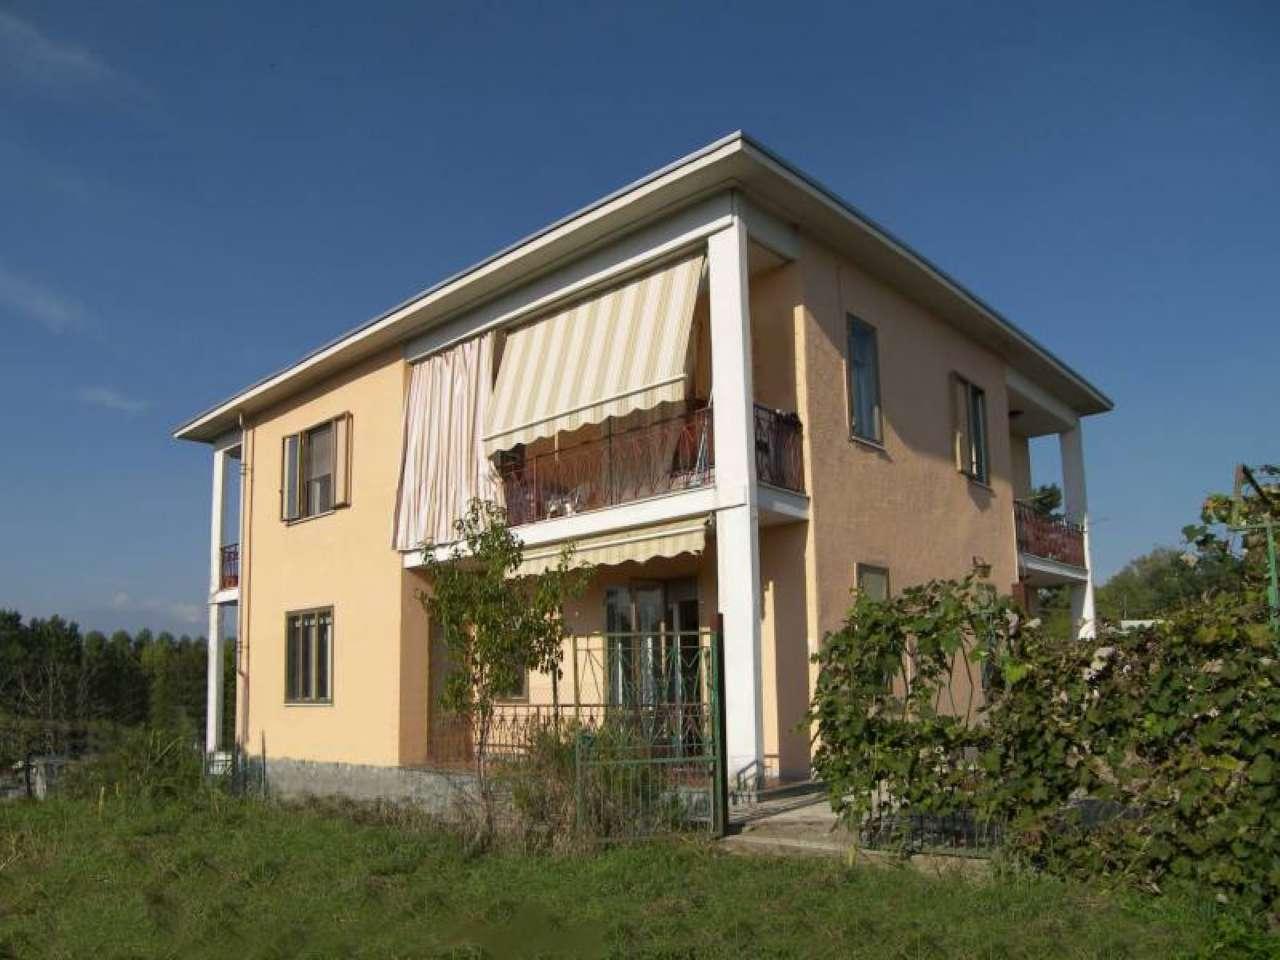 Soluzione Semindipendente in affitto a Strambino, 7 locali, prezzo € 400 | PortaleAgenzieImmobiliari.it